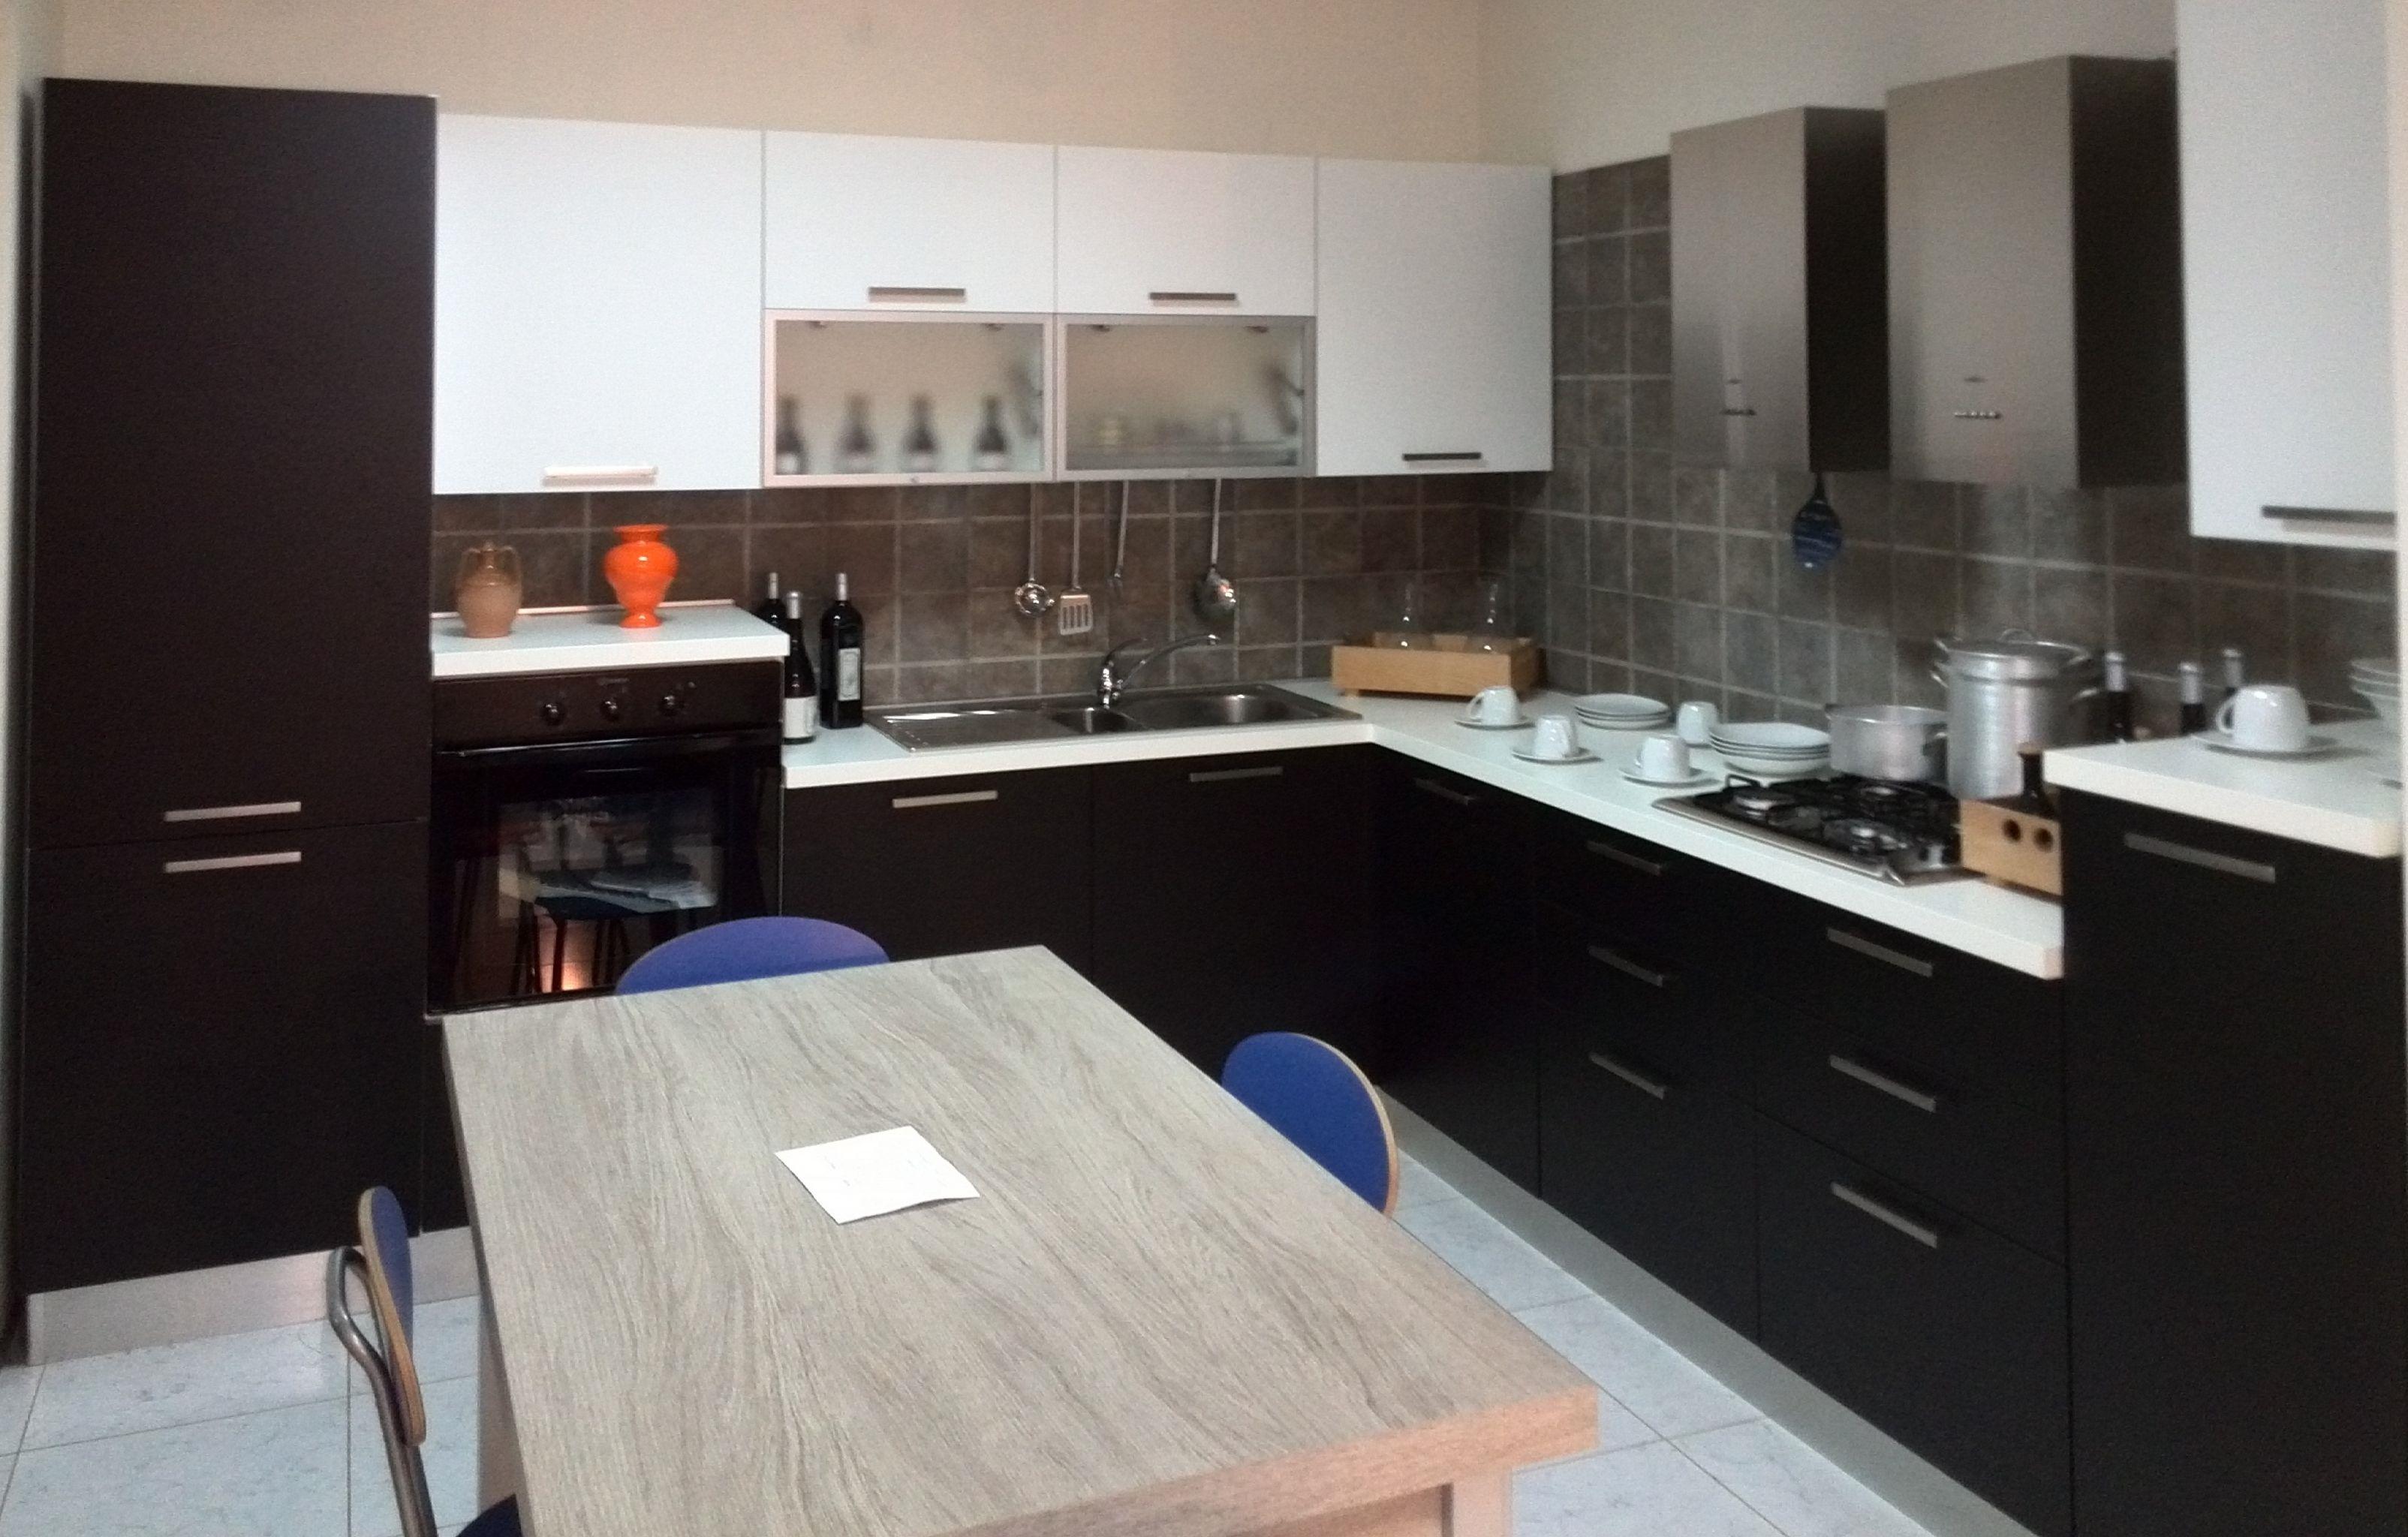 Laca Cucina artigianale anta frassinata bianco e nero ...